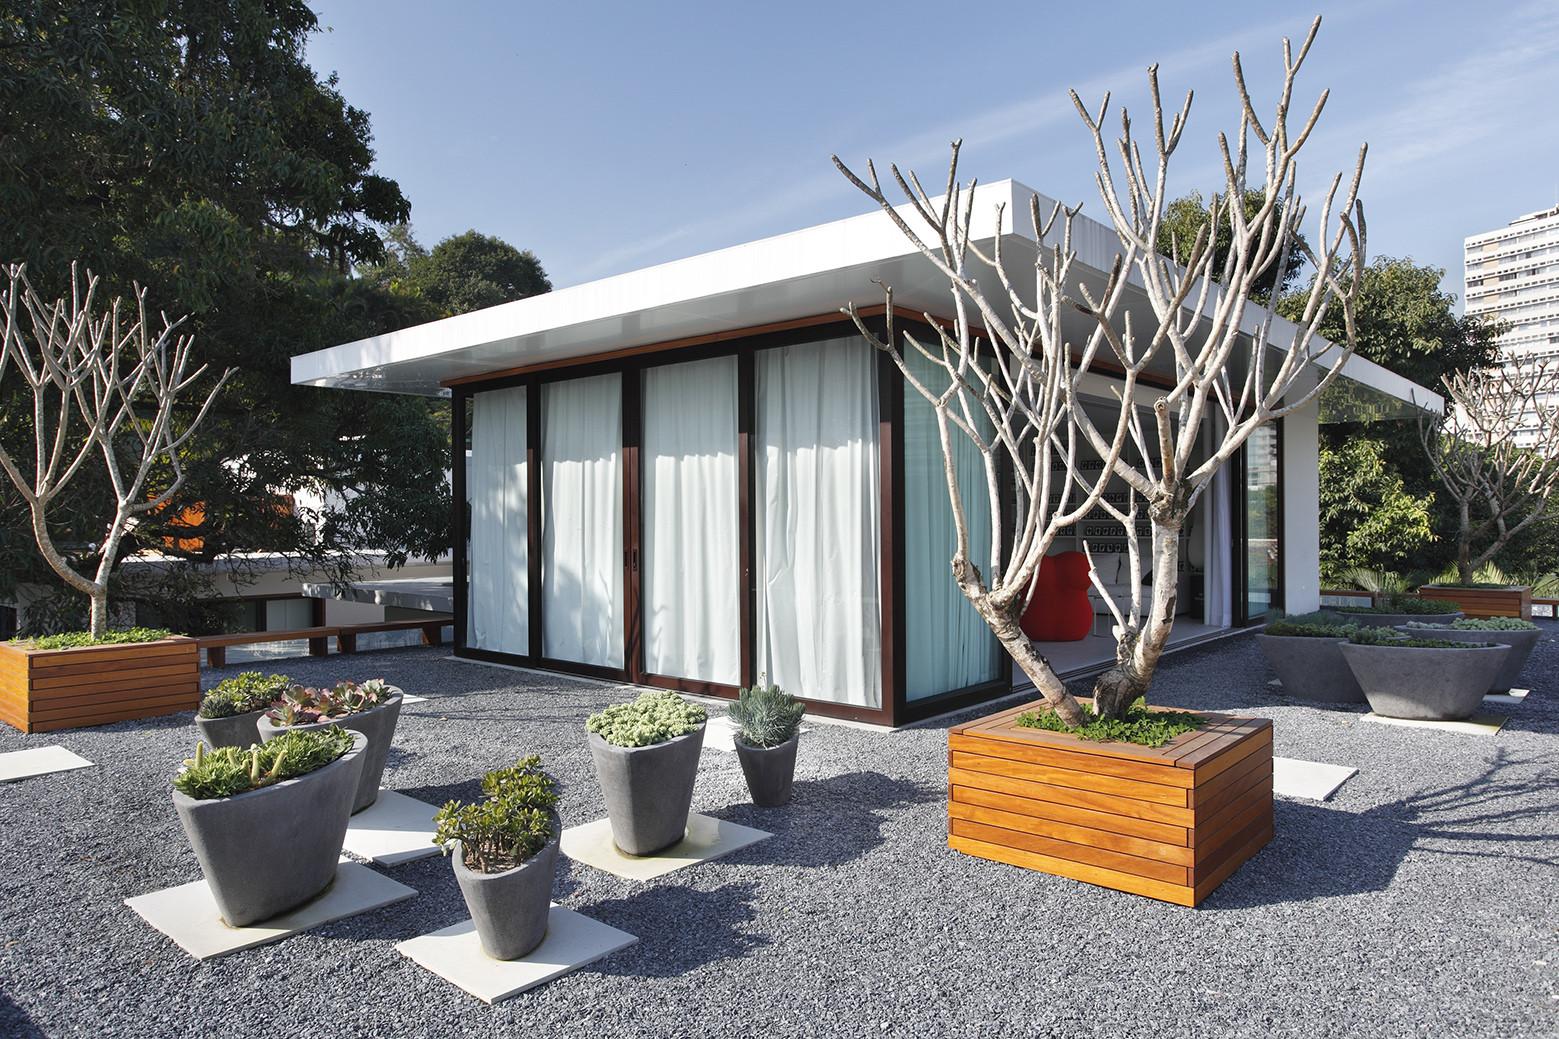 Casa Tempo / Gisele Taranto Arquitetura, © Denilson Machado - MCA Estudio